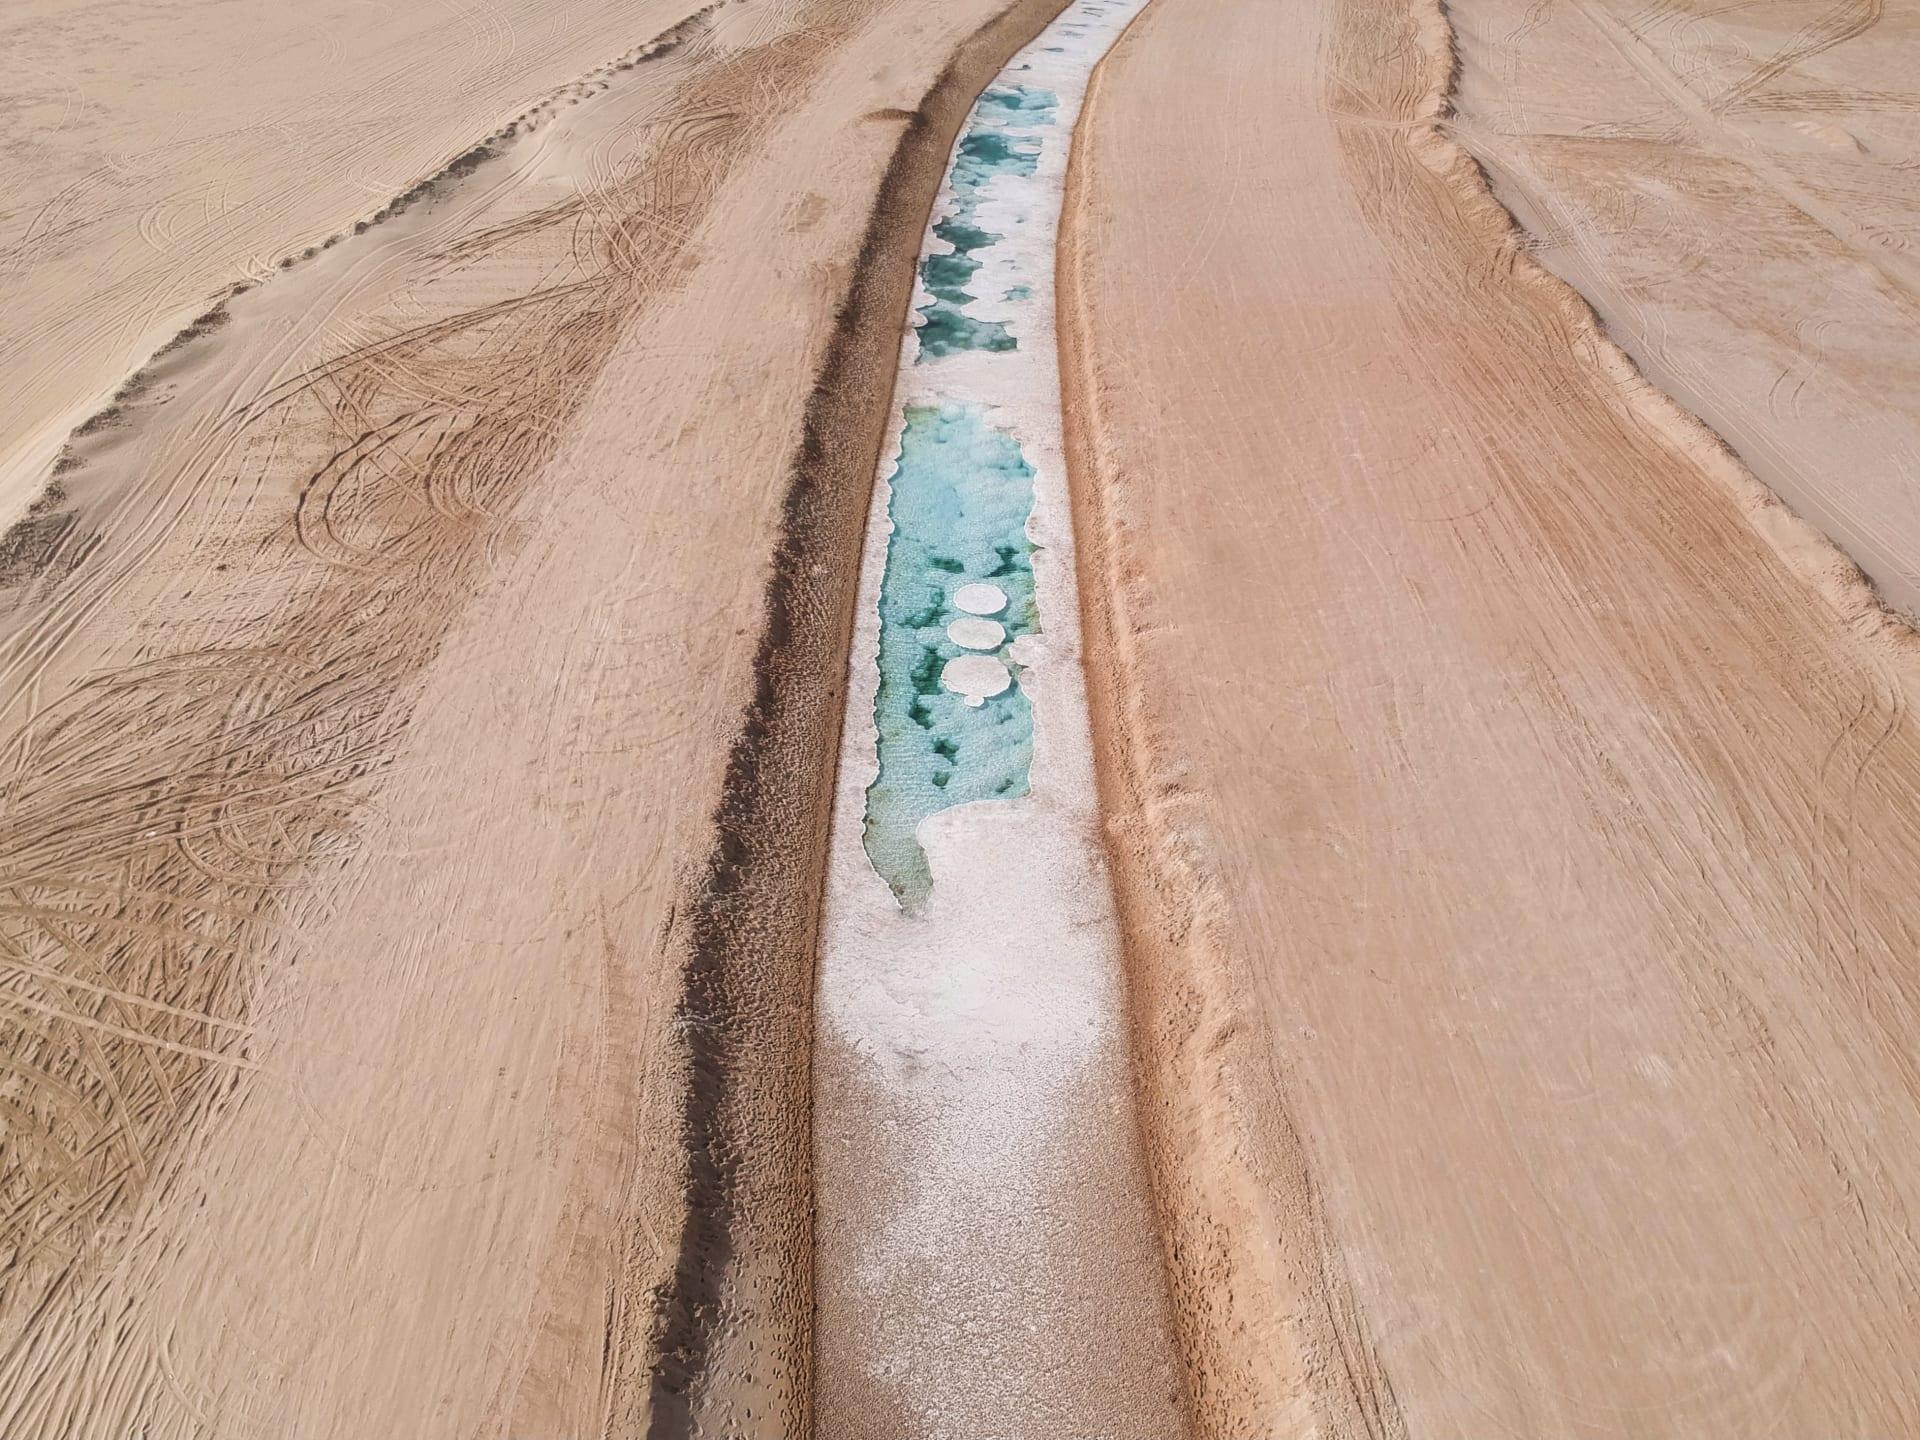 كأنها ثلوج متراكمة.. ما سر تشكل هذه البحيرة الطويلة وسط صحراء أبوظبي؟